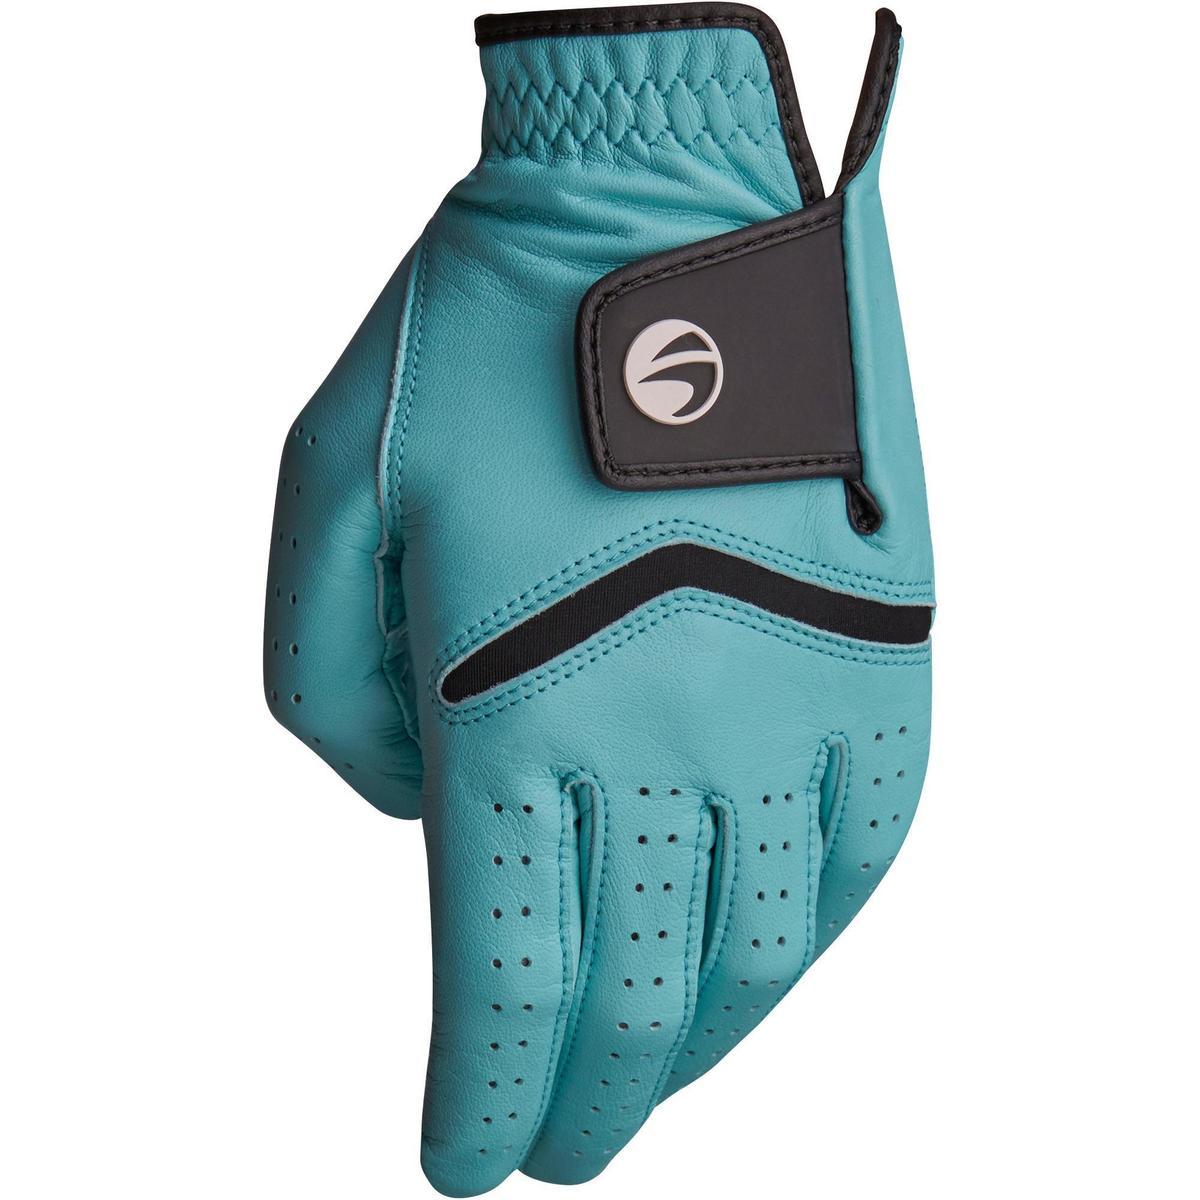 Bild 1 von Golfhandschuh 500 Rechtshand (für die linke Hand) Damen blau